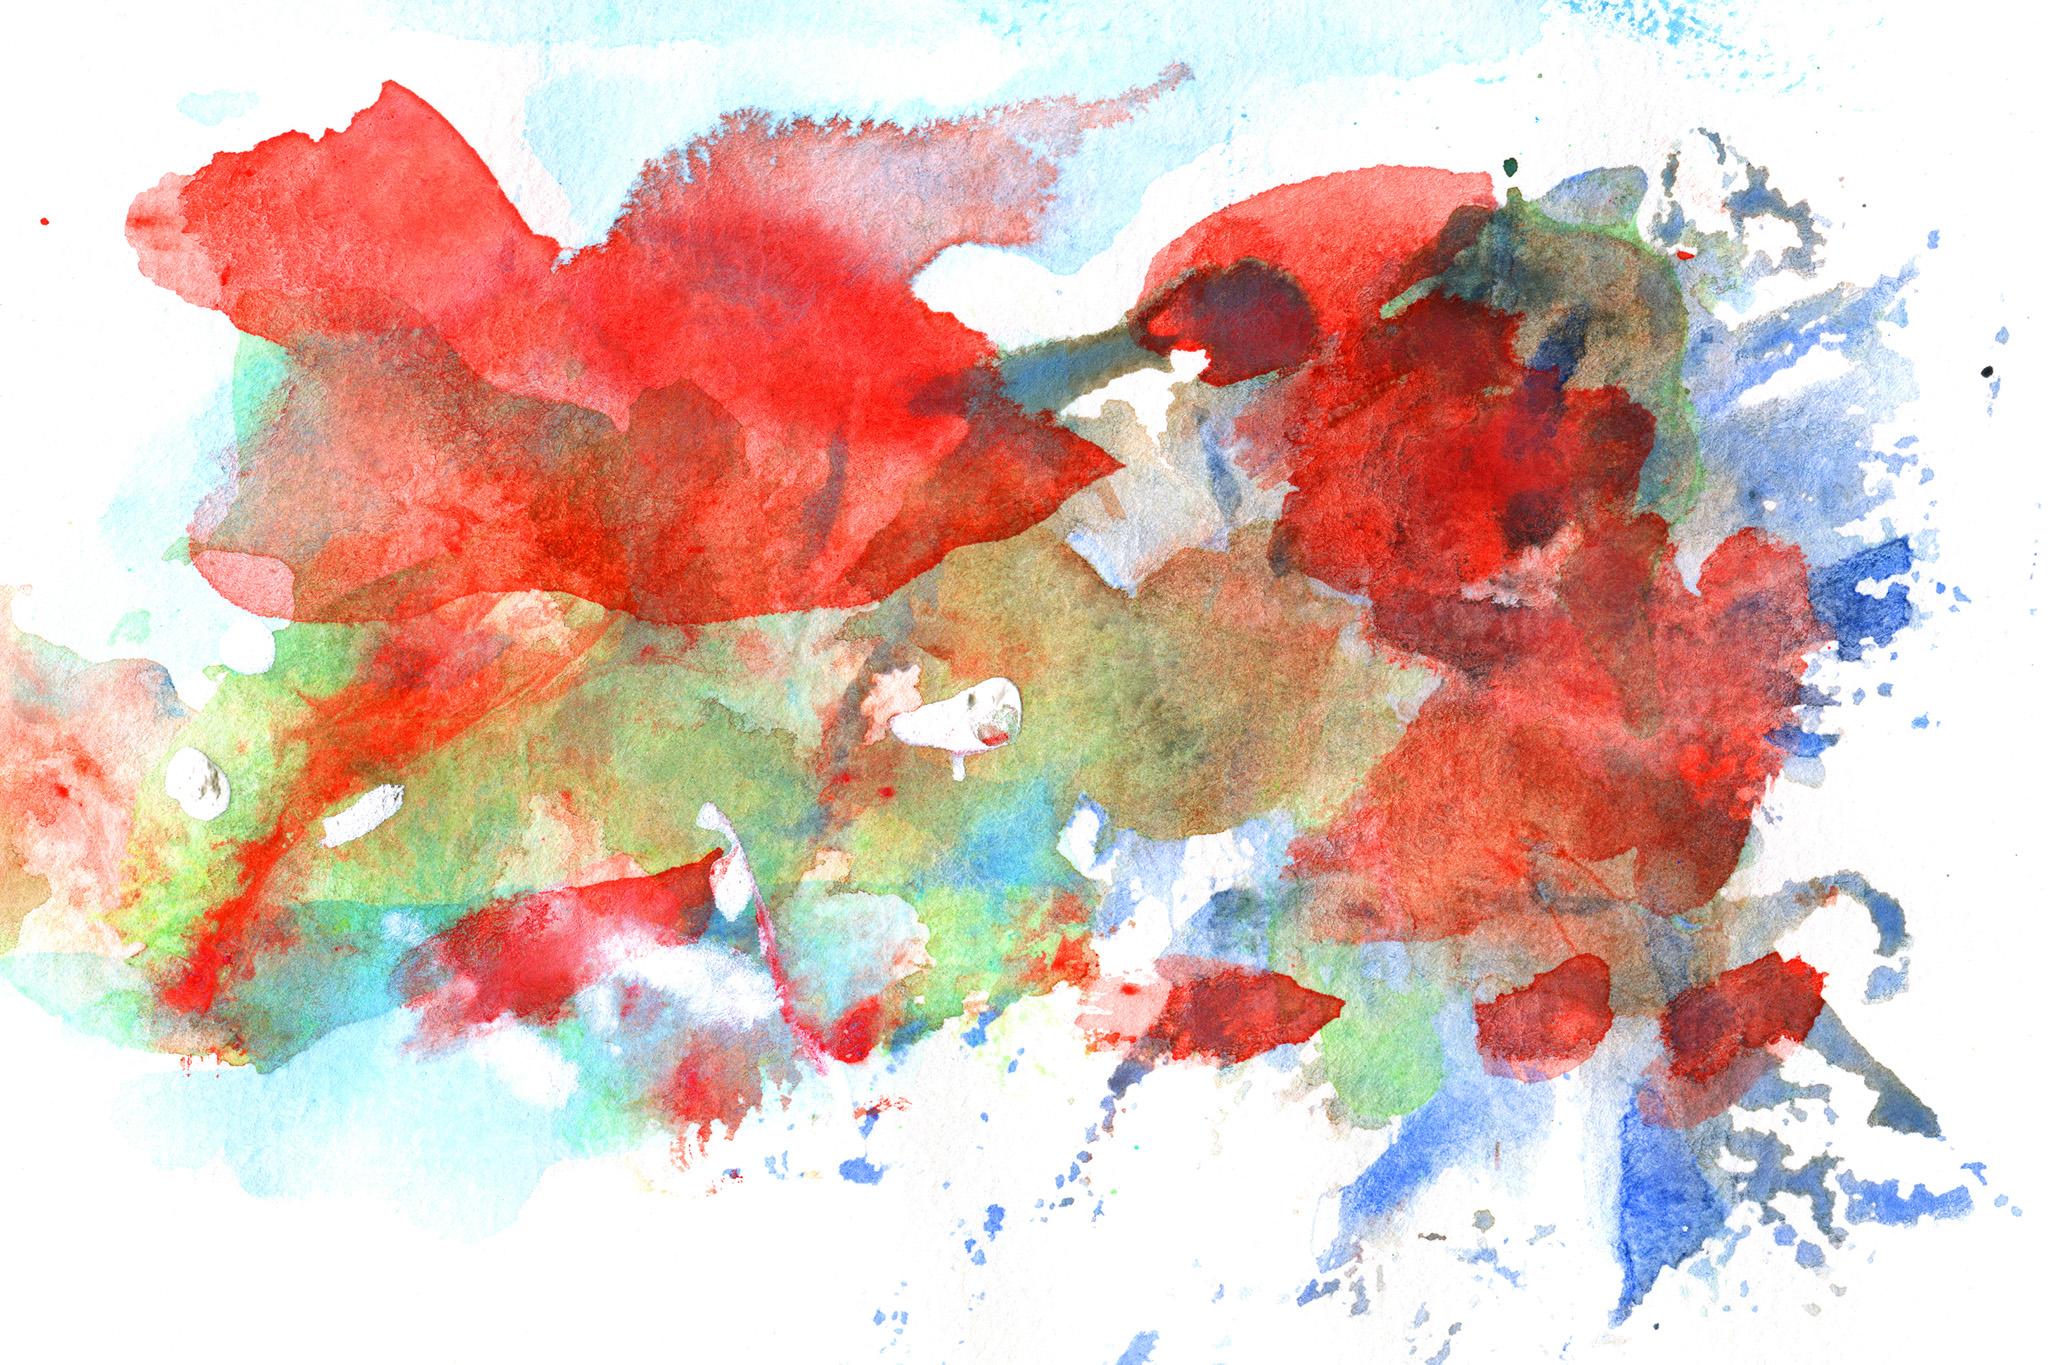 「赤緑青のカラフルな水彩イメージ」